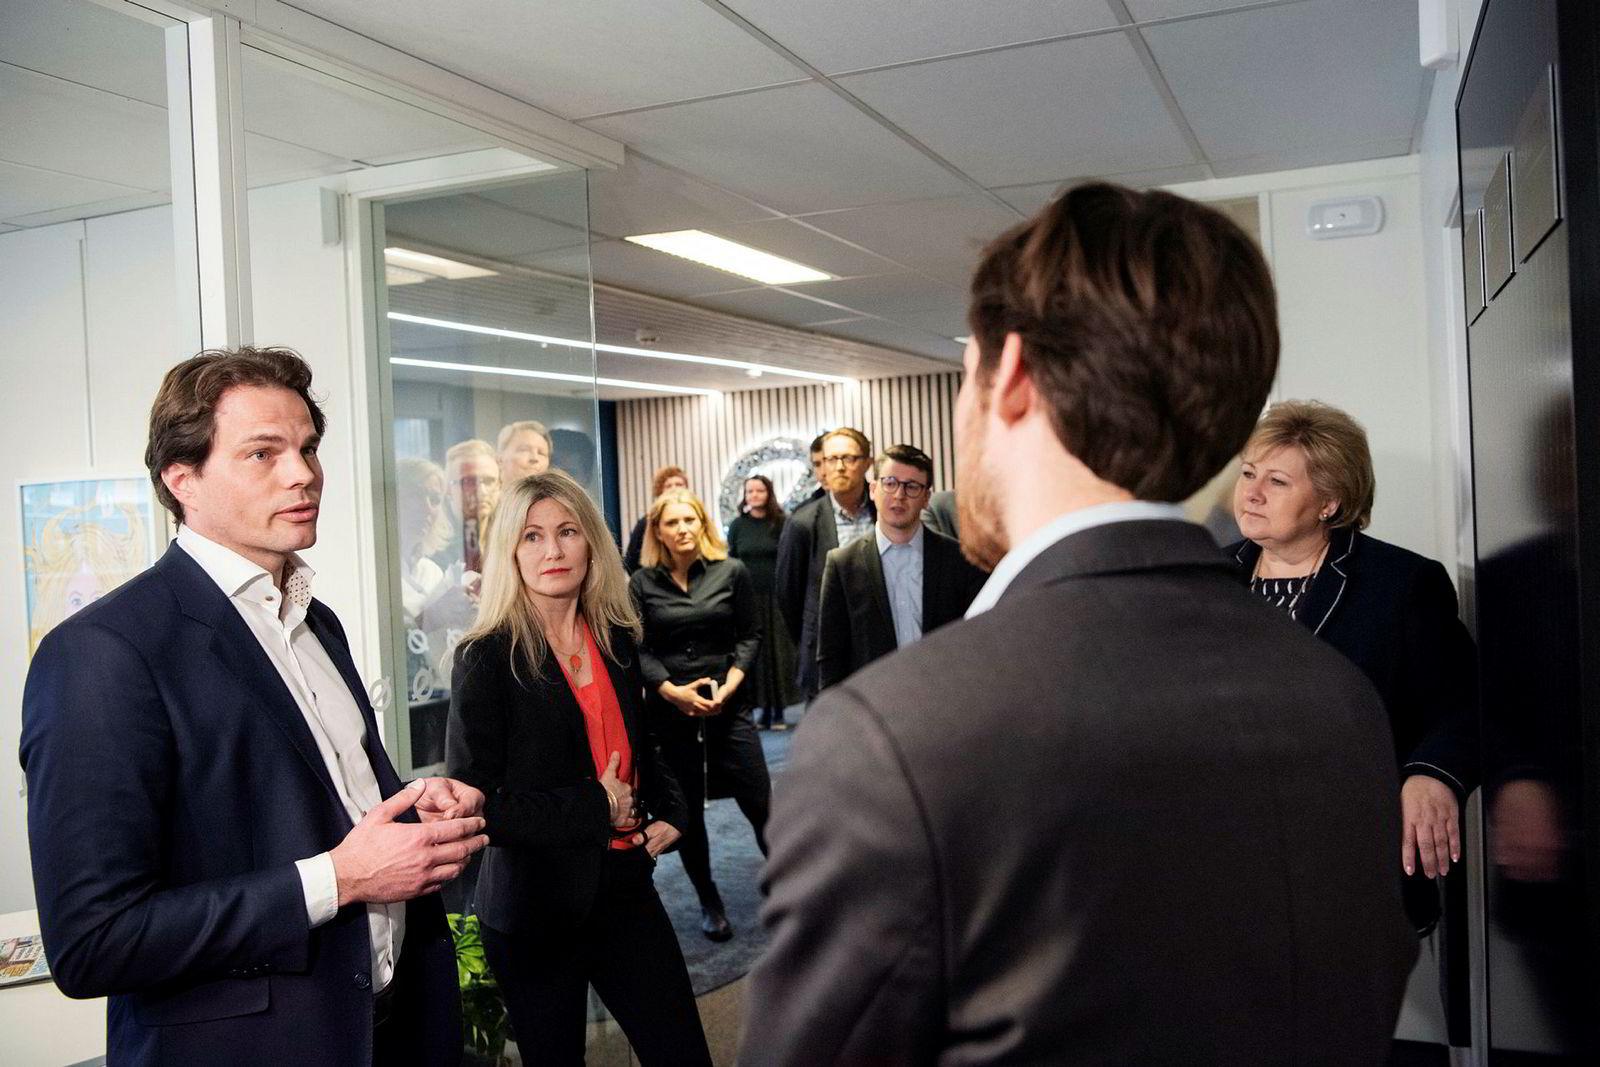 Erik Fossum Færevaag (til venstre) fra Disruptive Technologies fikk tirsdag 20 millioner kroner fra statens klimainvesteringsfond Nysnø ved Nysnø-sjef Siri Kalvig (i midten). Statsminister Erna Solberg (til høyre) fikk innføring i teknologien sammen med Nysnøs investeringsdirektør Eivind Egeland Olsen (med ryggen til).